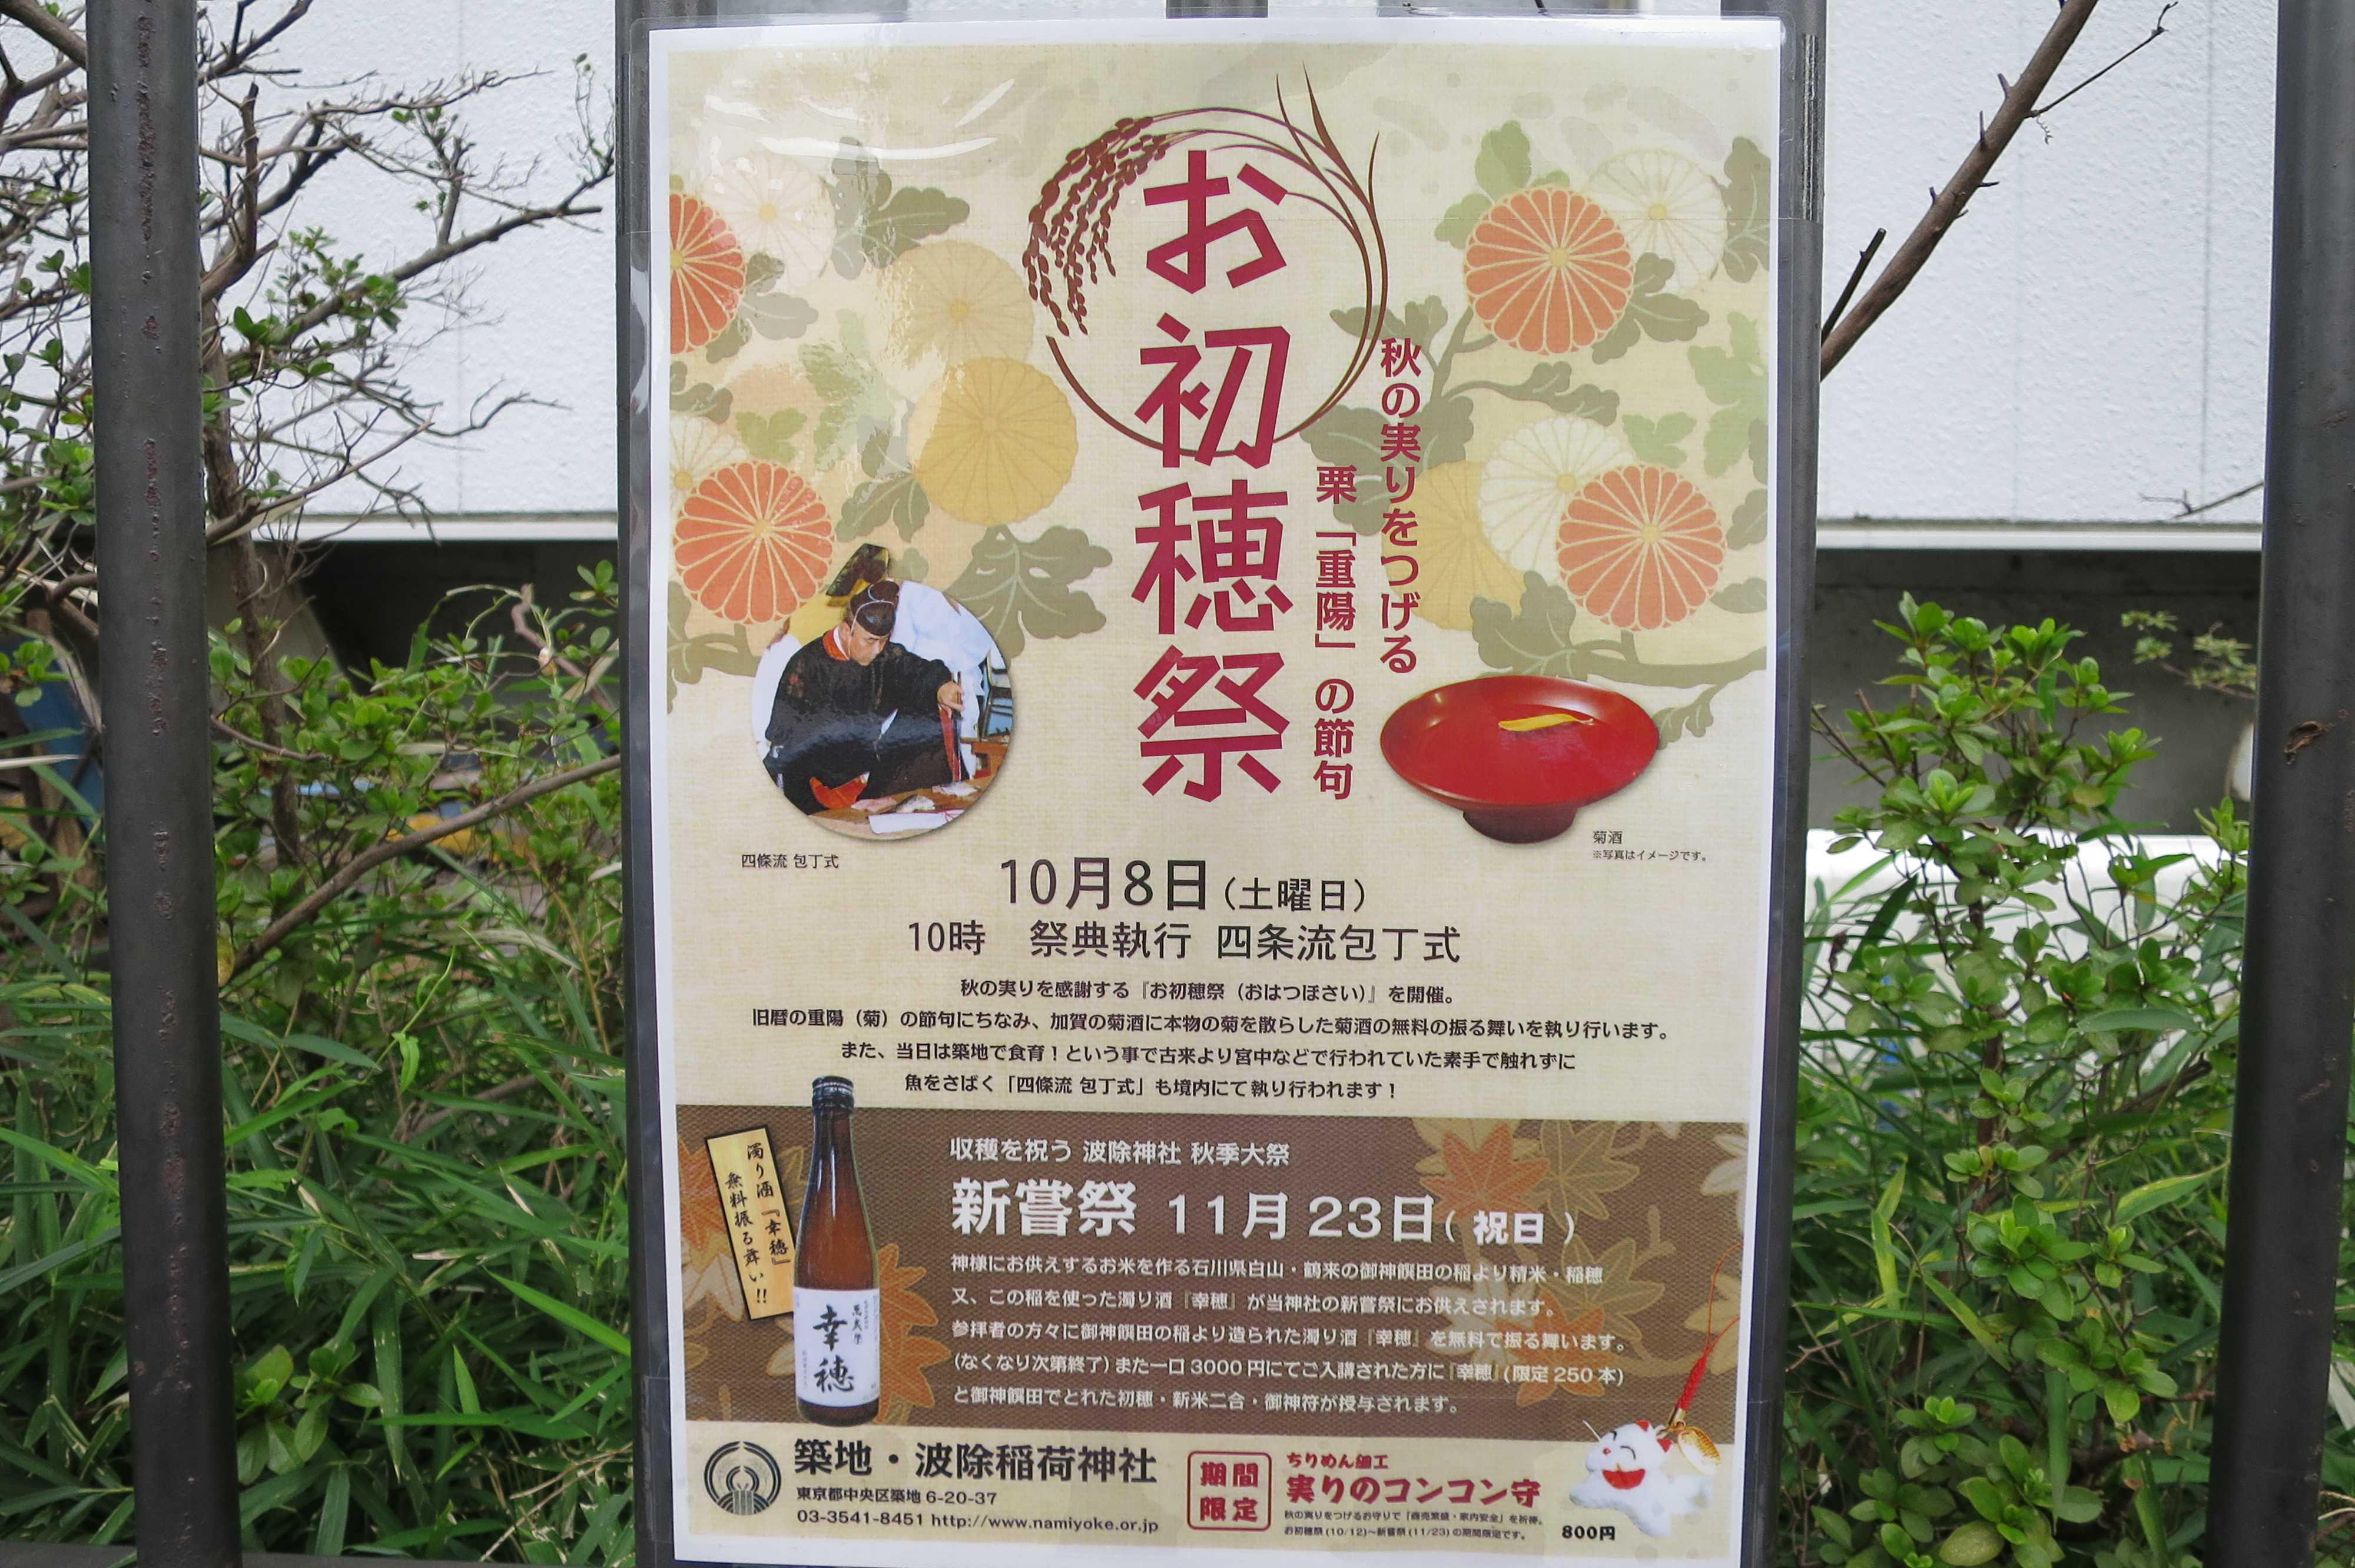 築地エリア - 波除稲荷神社のお初穂祭 - 秋の実りをつげる 栗「重陽」の節句